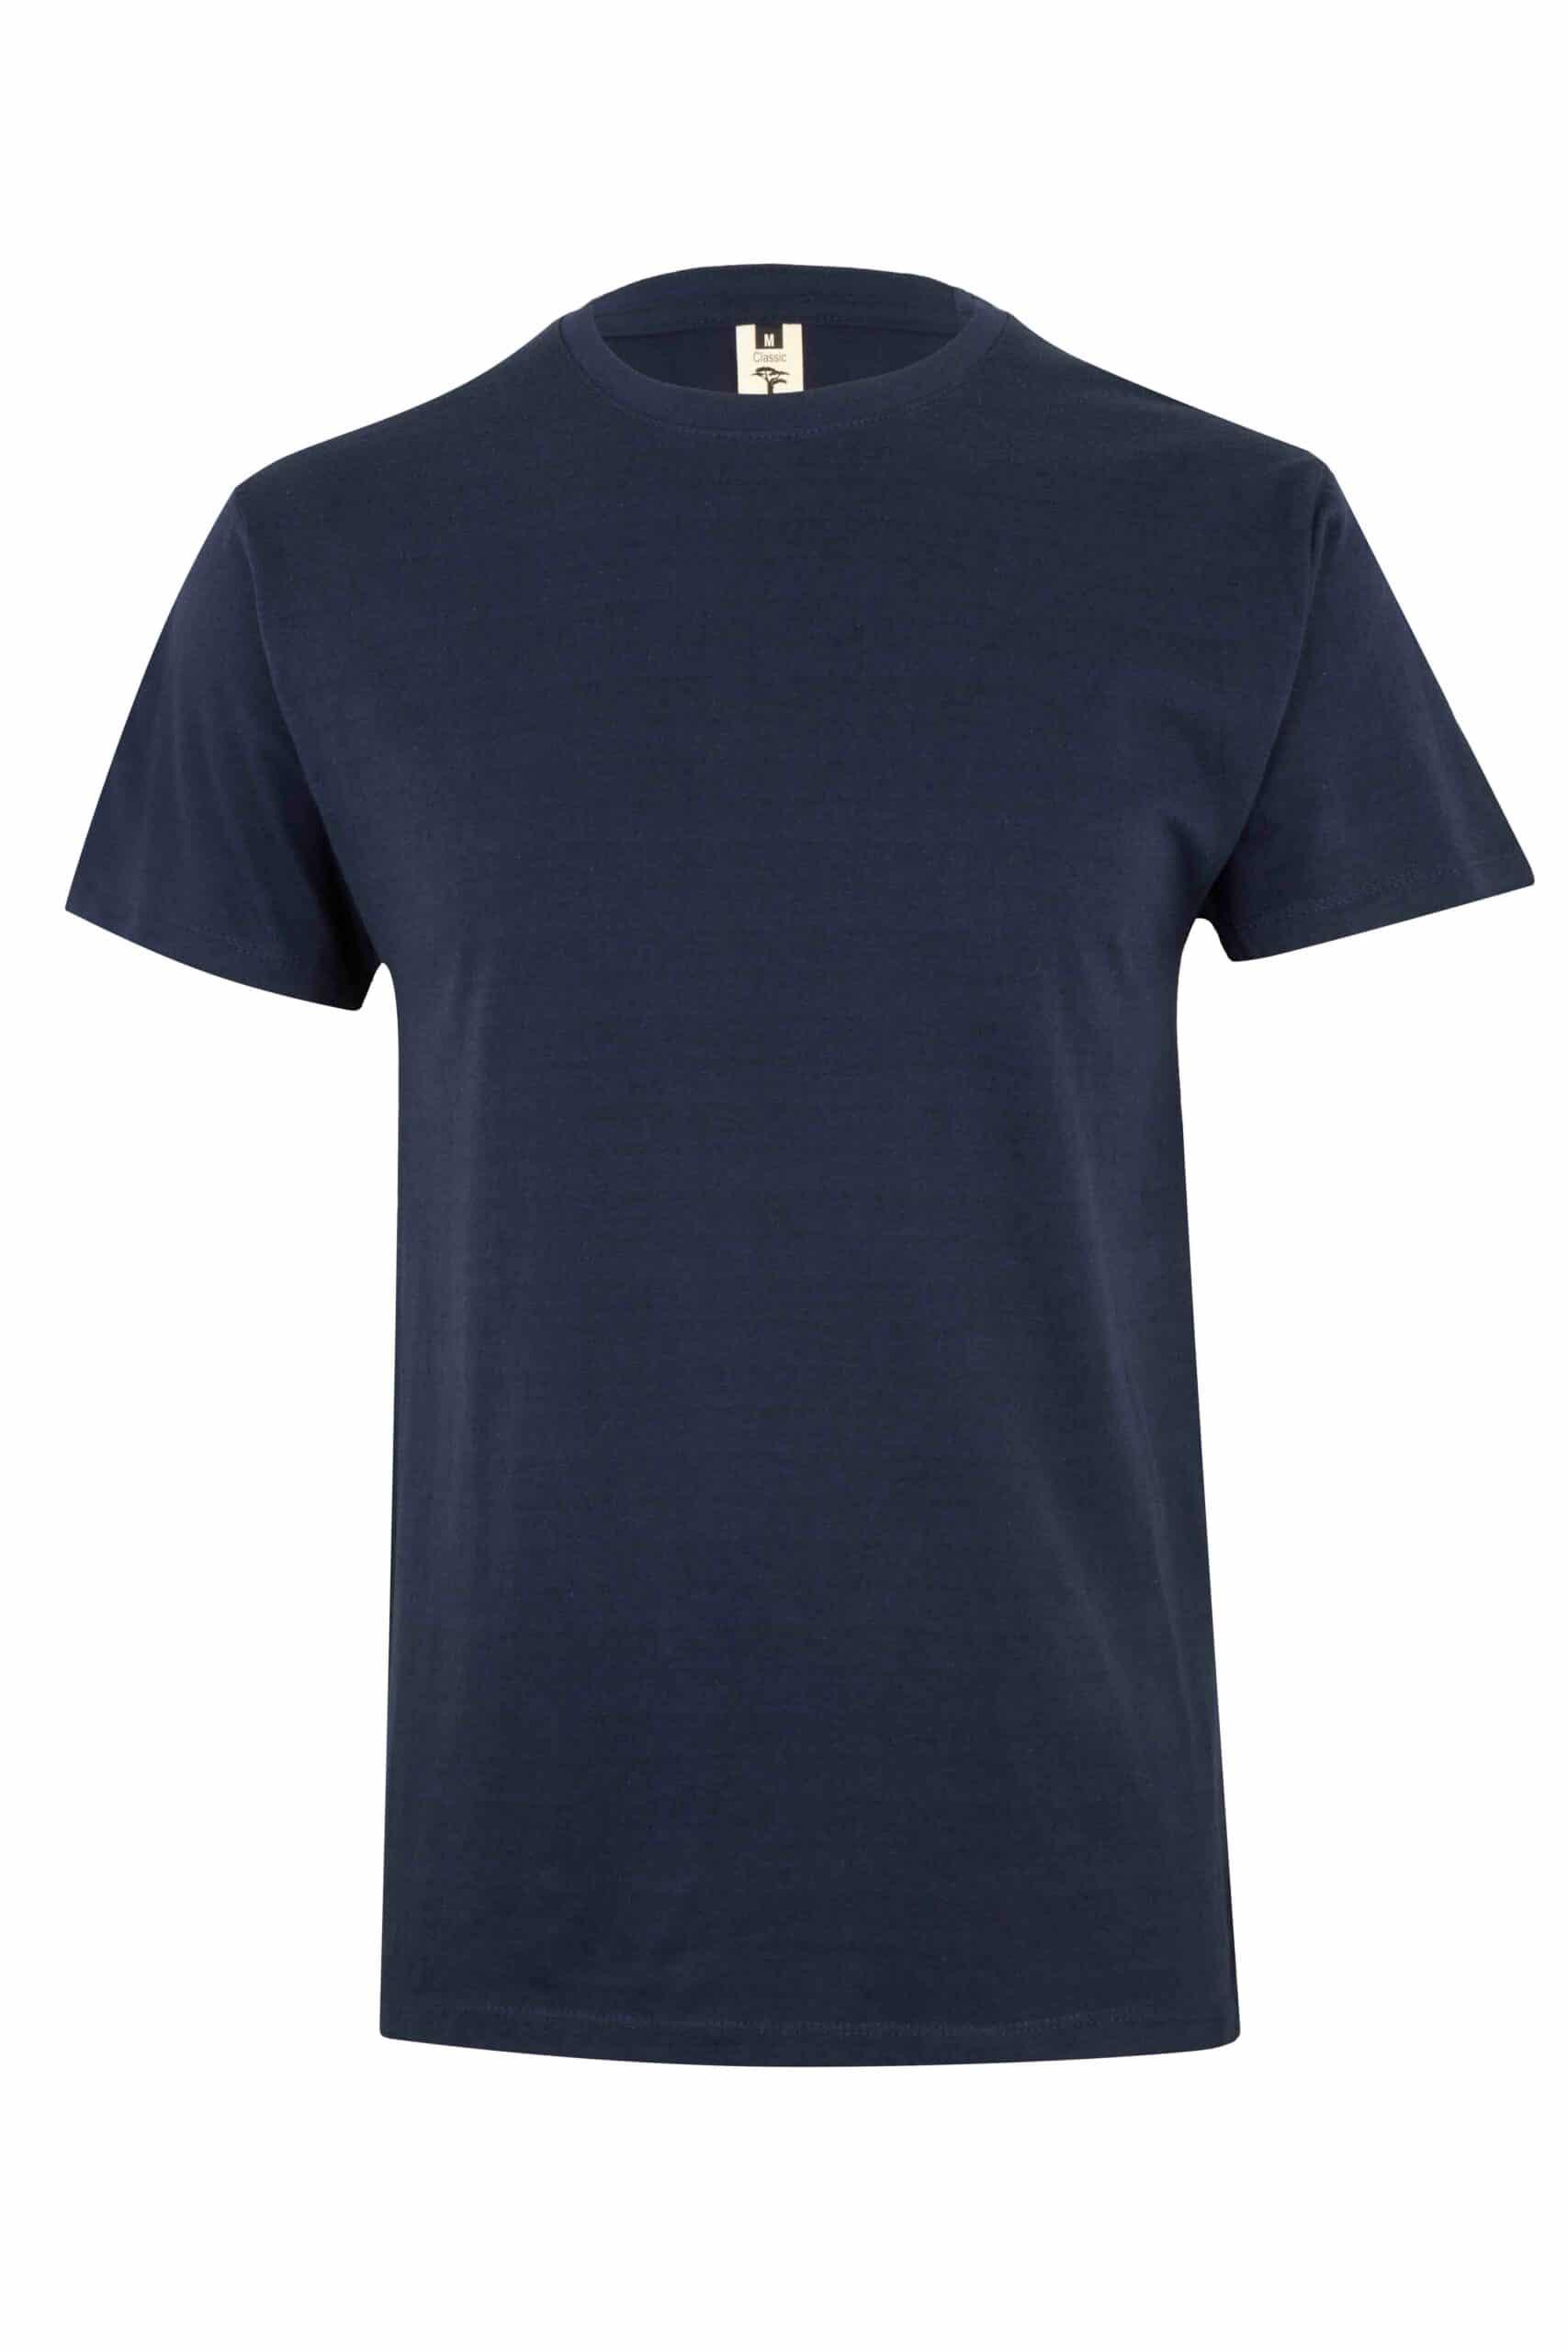 Mukua Mk022cv Camiseta Manga Corta 150gr Navy